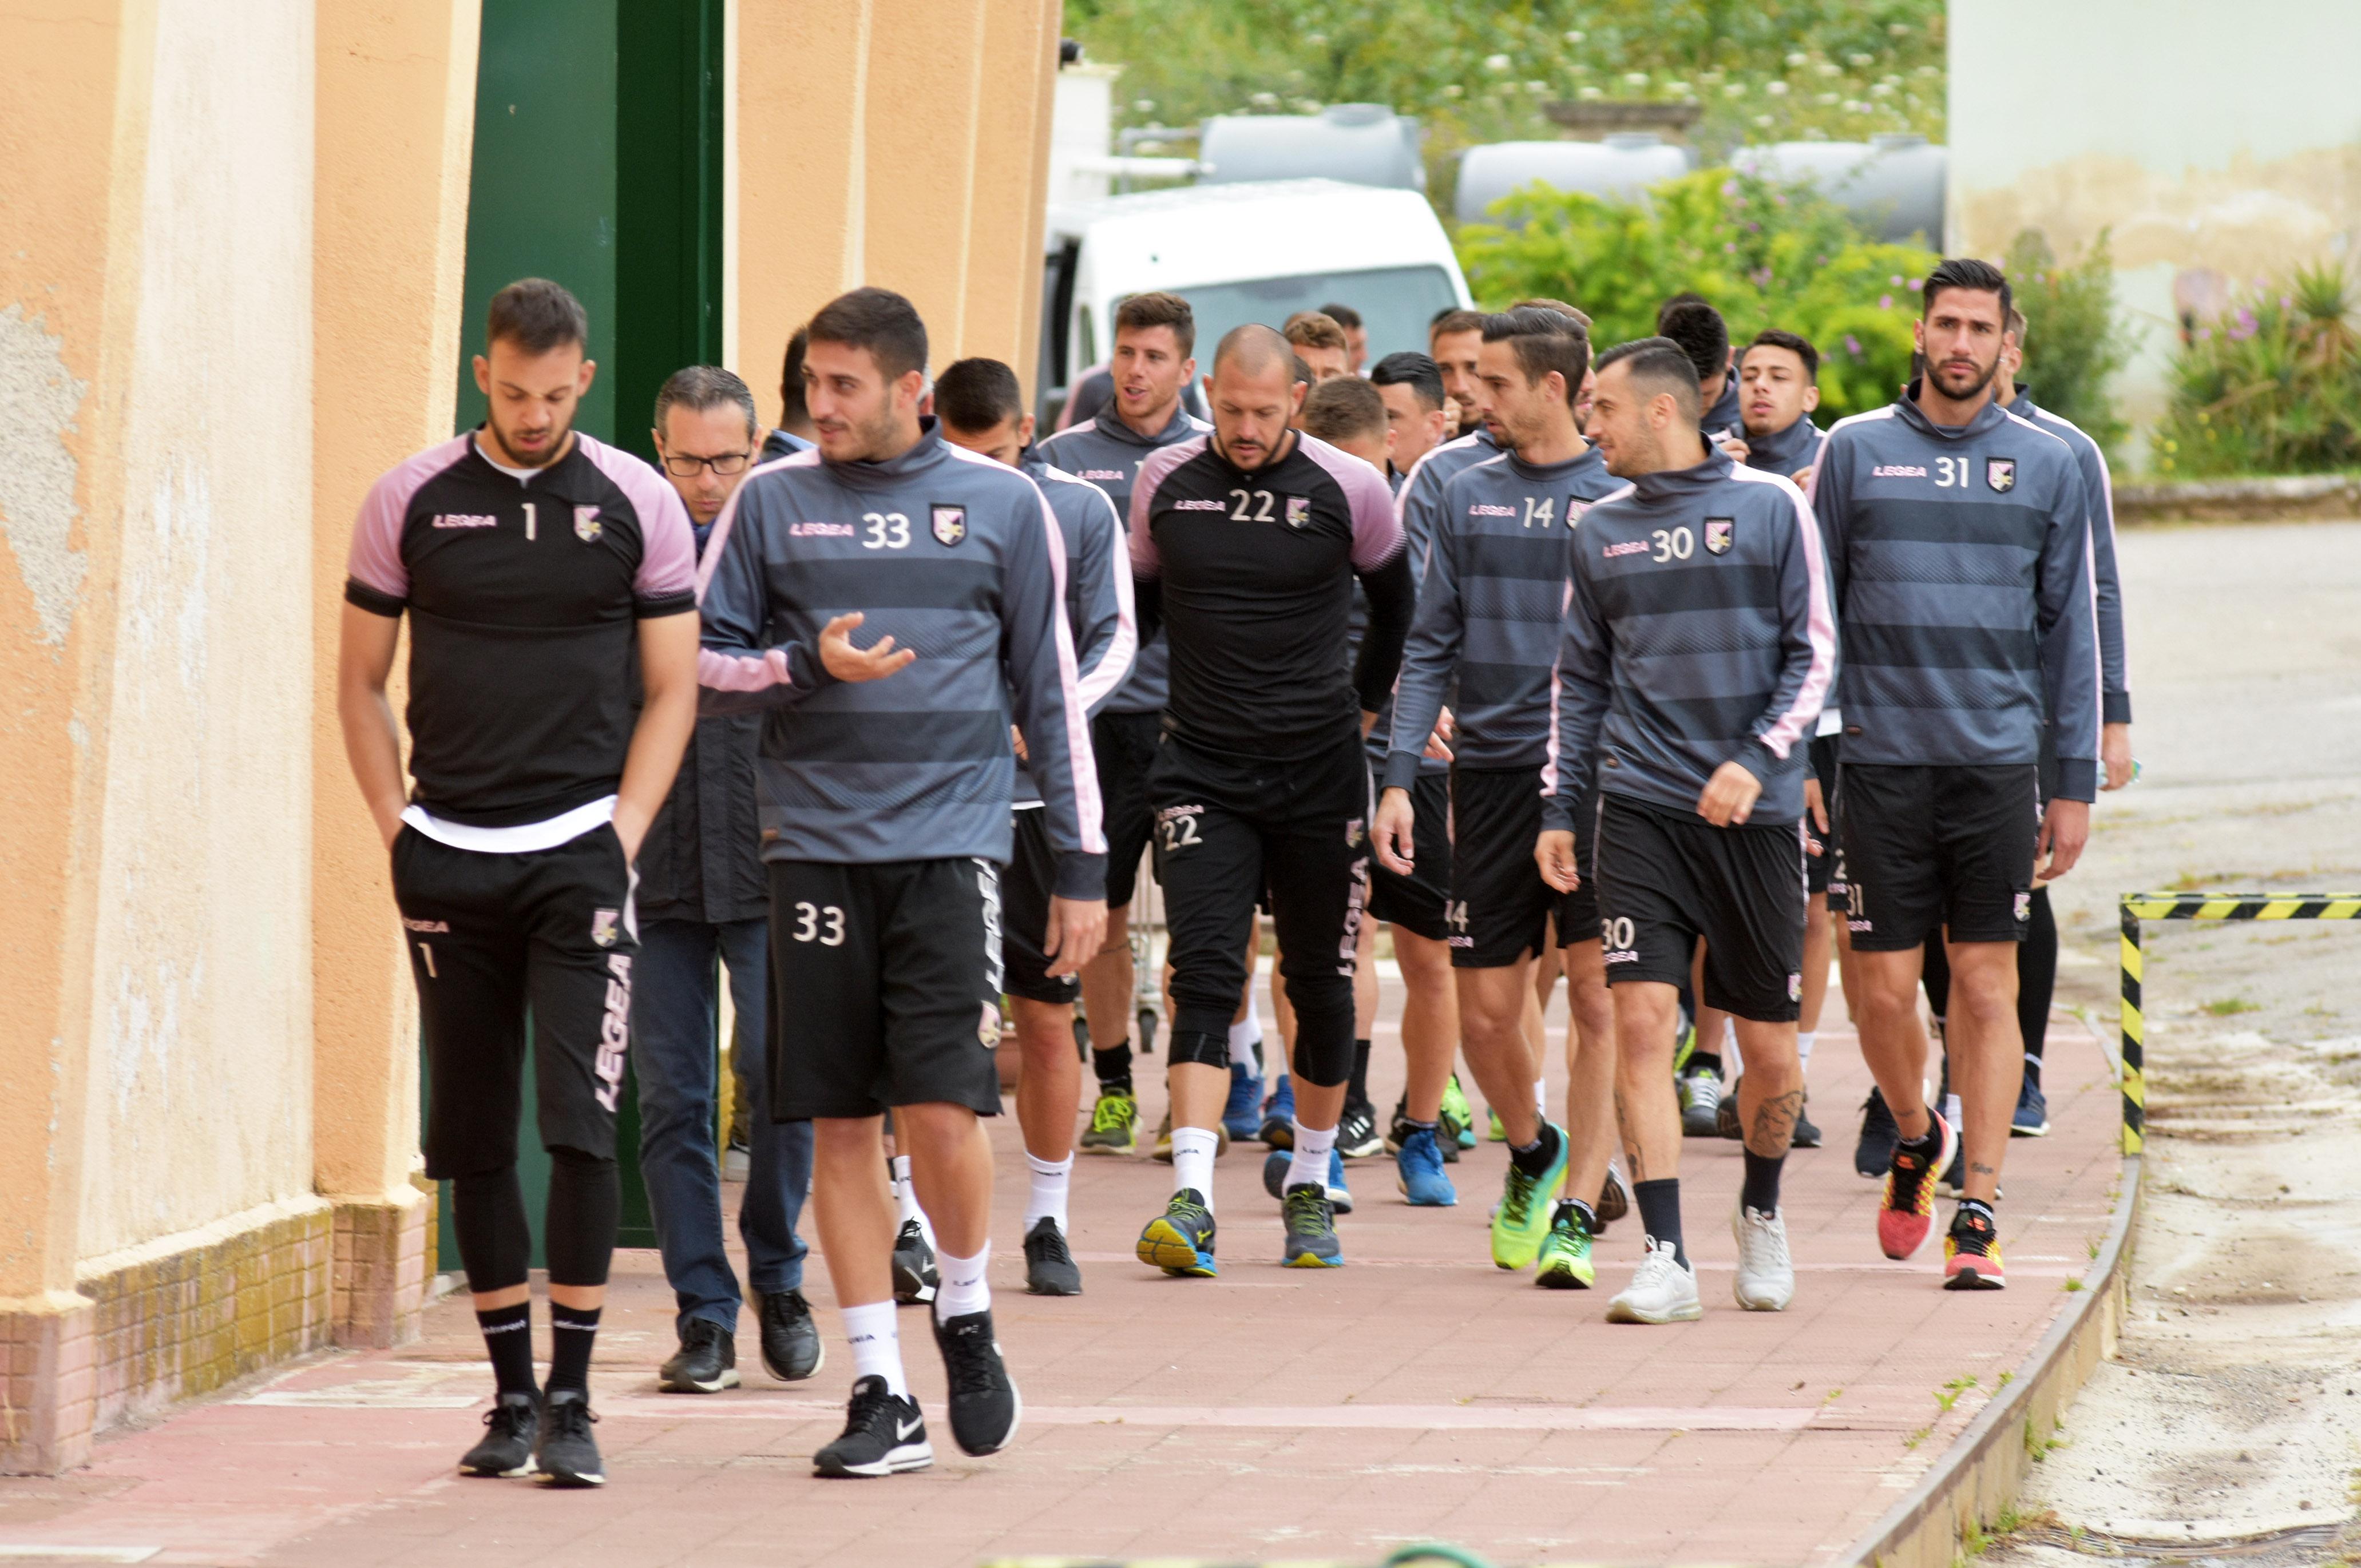 """ORE 10.08 – É terminata la conferenza dei calciatori del Palermo. ORE 10.08 –Nestorovski: """"Noi pensiamo ancora che abbiamo due partite in casa. Siamo fiduciosi nella società. Dobbiamo sperare nei playoff. La città merita la Serie A"""". ORE 10.07 –Rispoli: """"Delio Rossi ci ha detto che bisogna pensare al campo e fare il nostro dovere. Dobbiamo aspettare. Se ci restituiranno i playoff faremo del nostro meglio"""" ORE 10.05 –Pomini: """"La città ci è stata vicina anche nei momenti in cui la gente si aspettava qualcosa di più. Questo lo portiamo dentro. Noi ci abbiamo messo la faccia per prenderci le"""